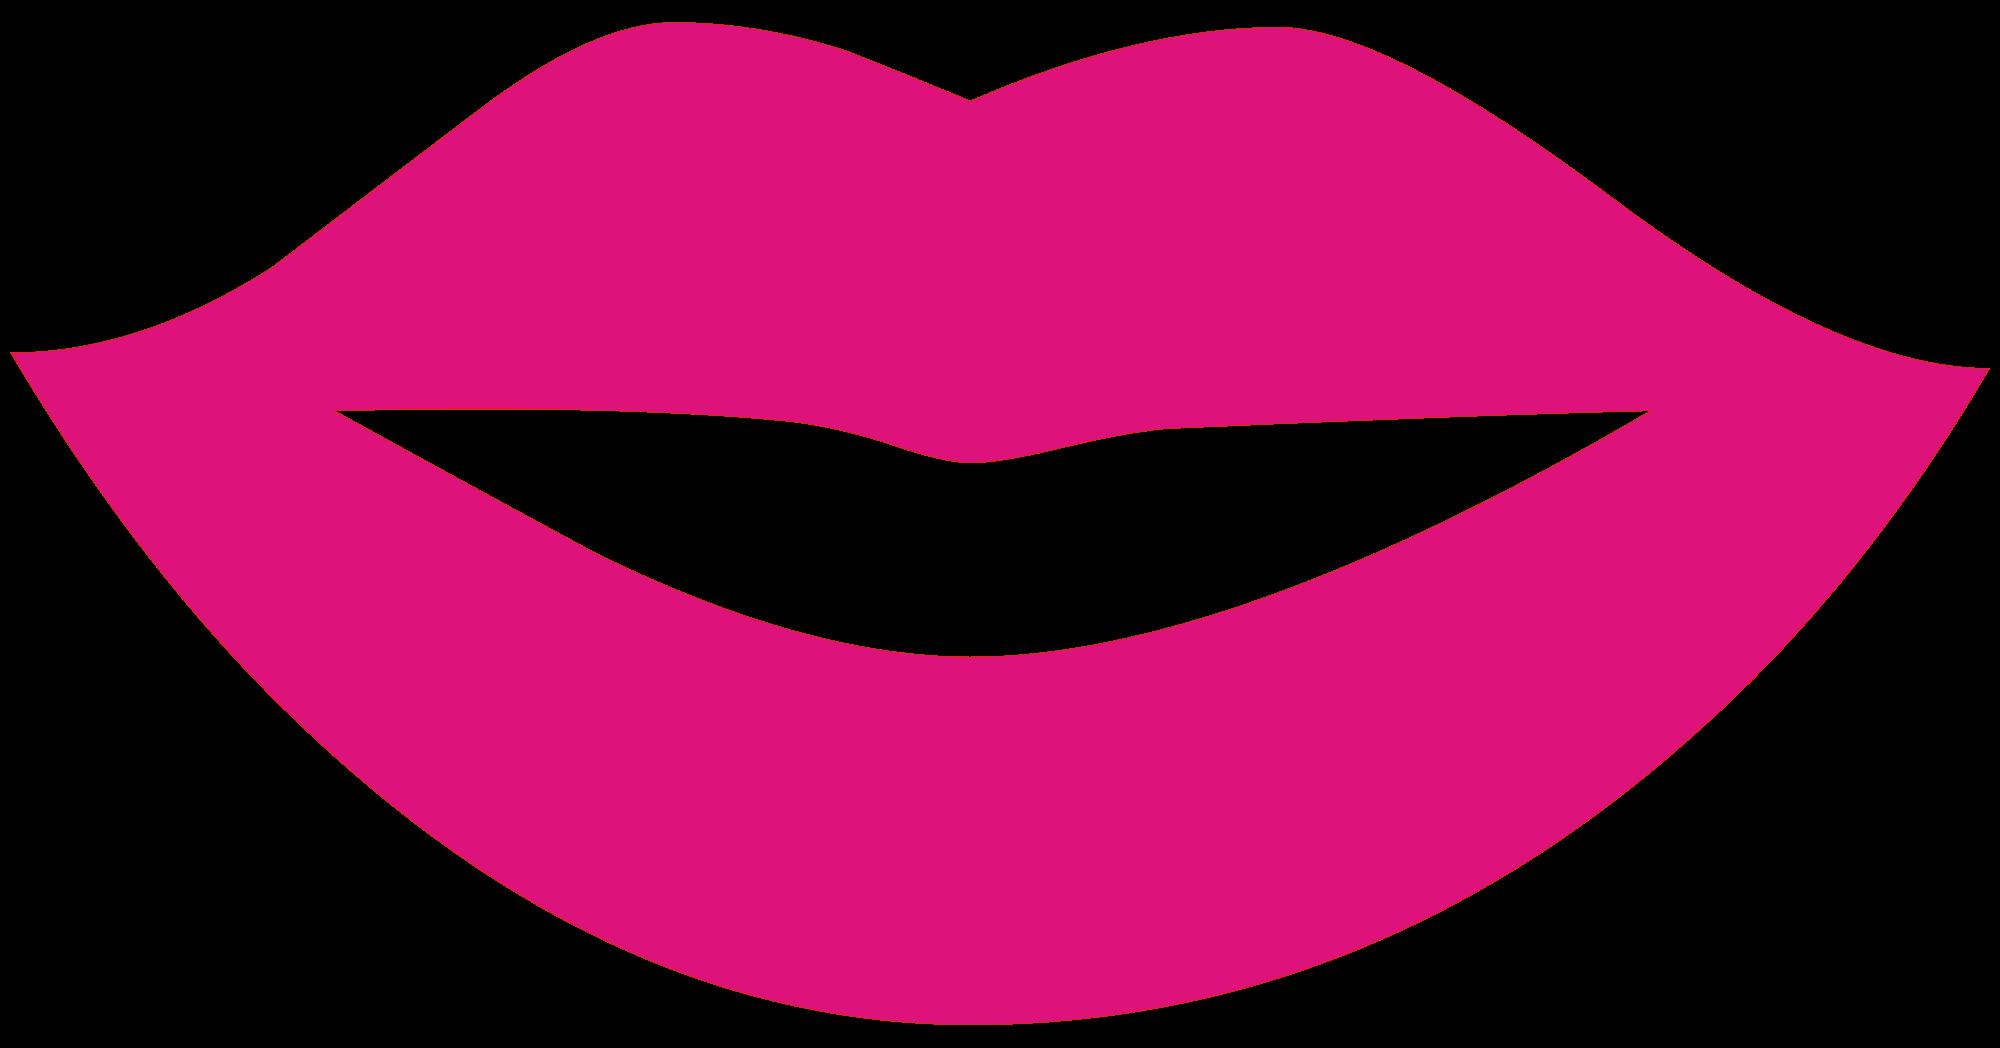 Lips Vector.